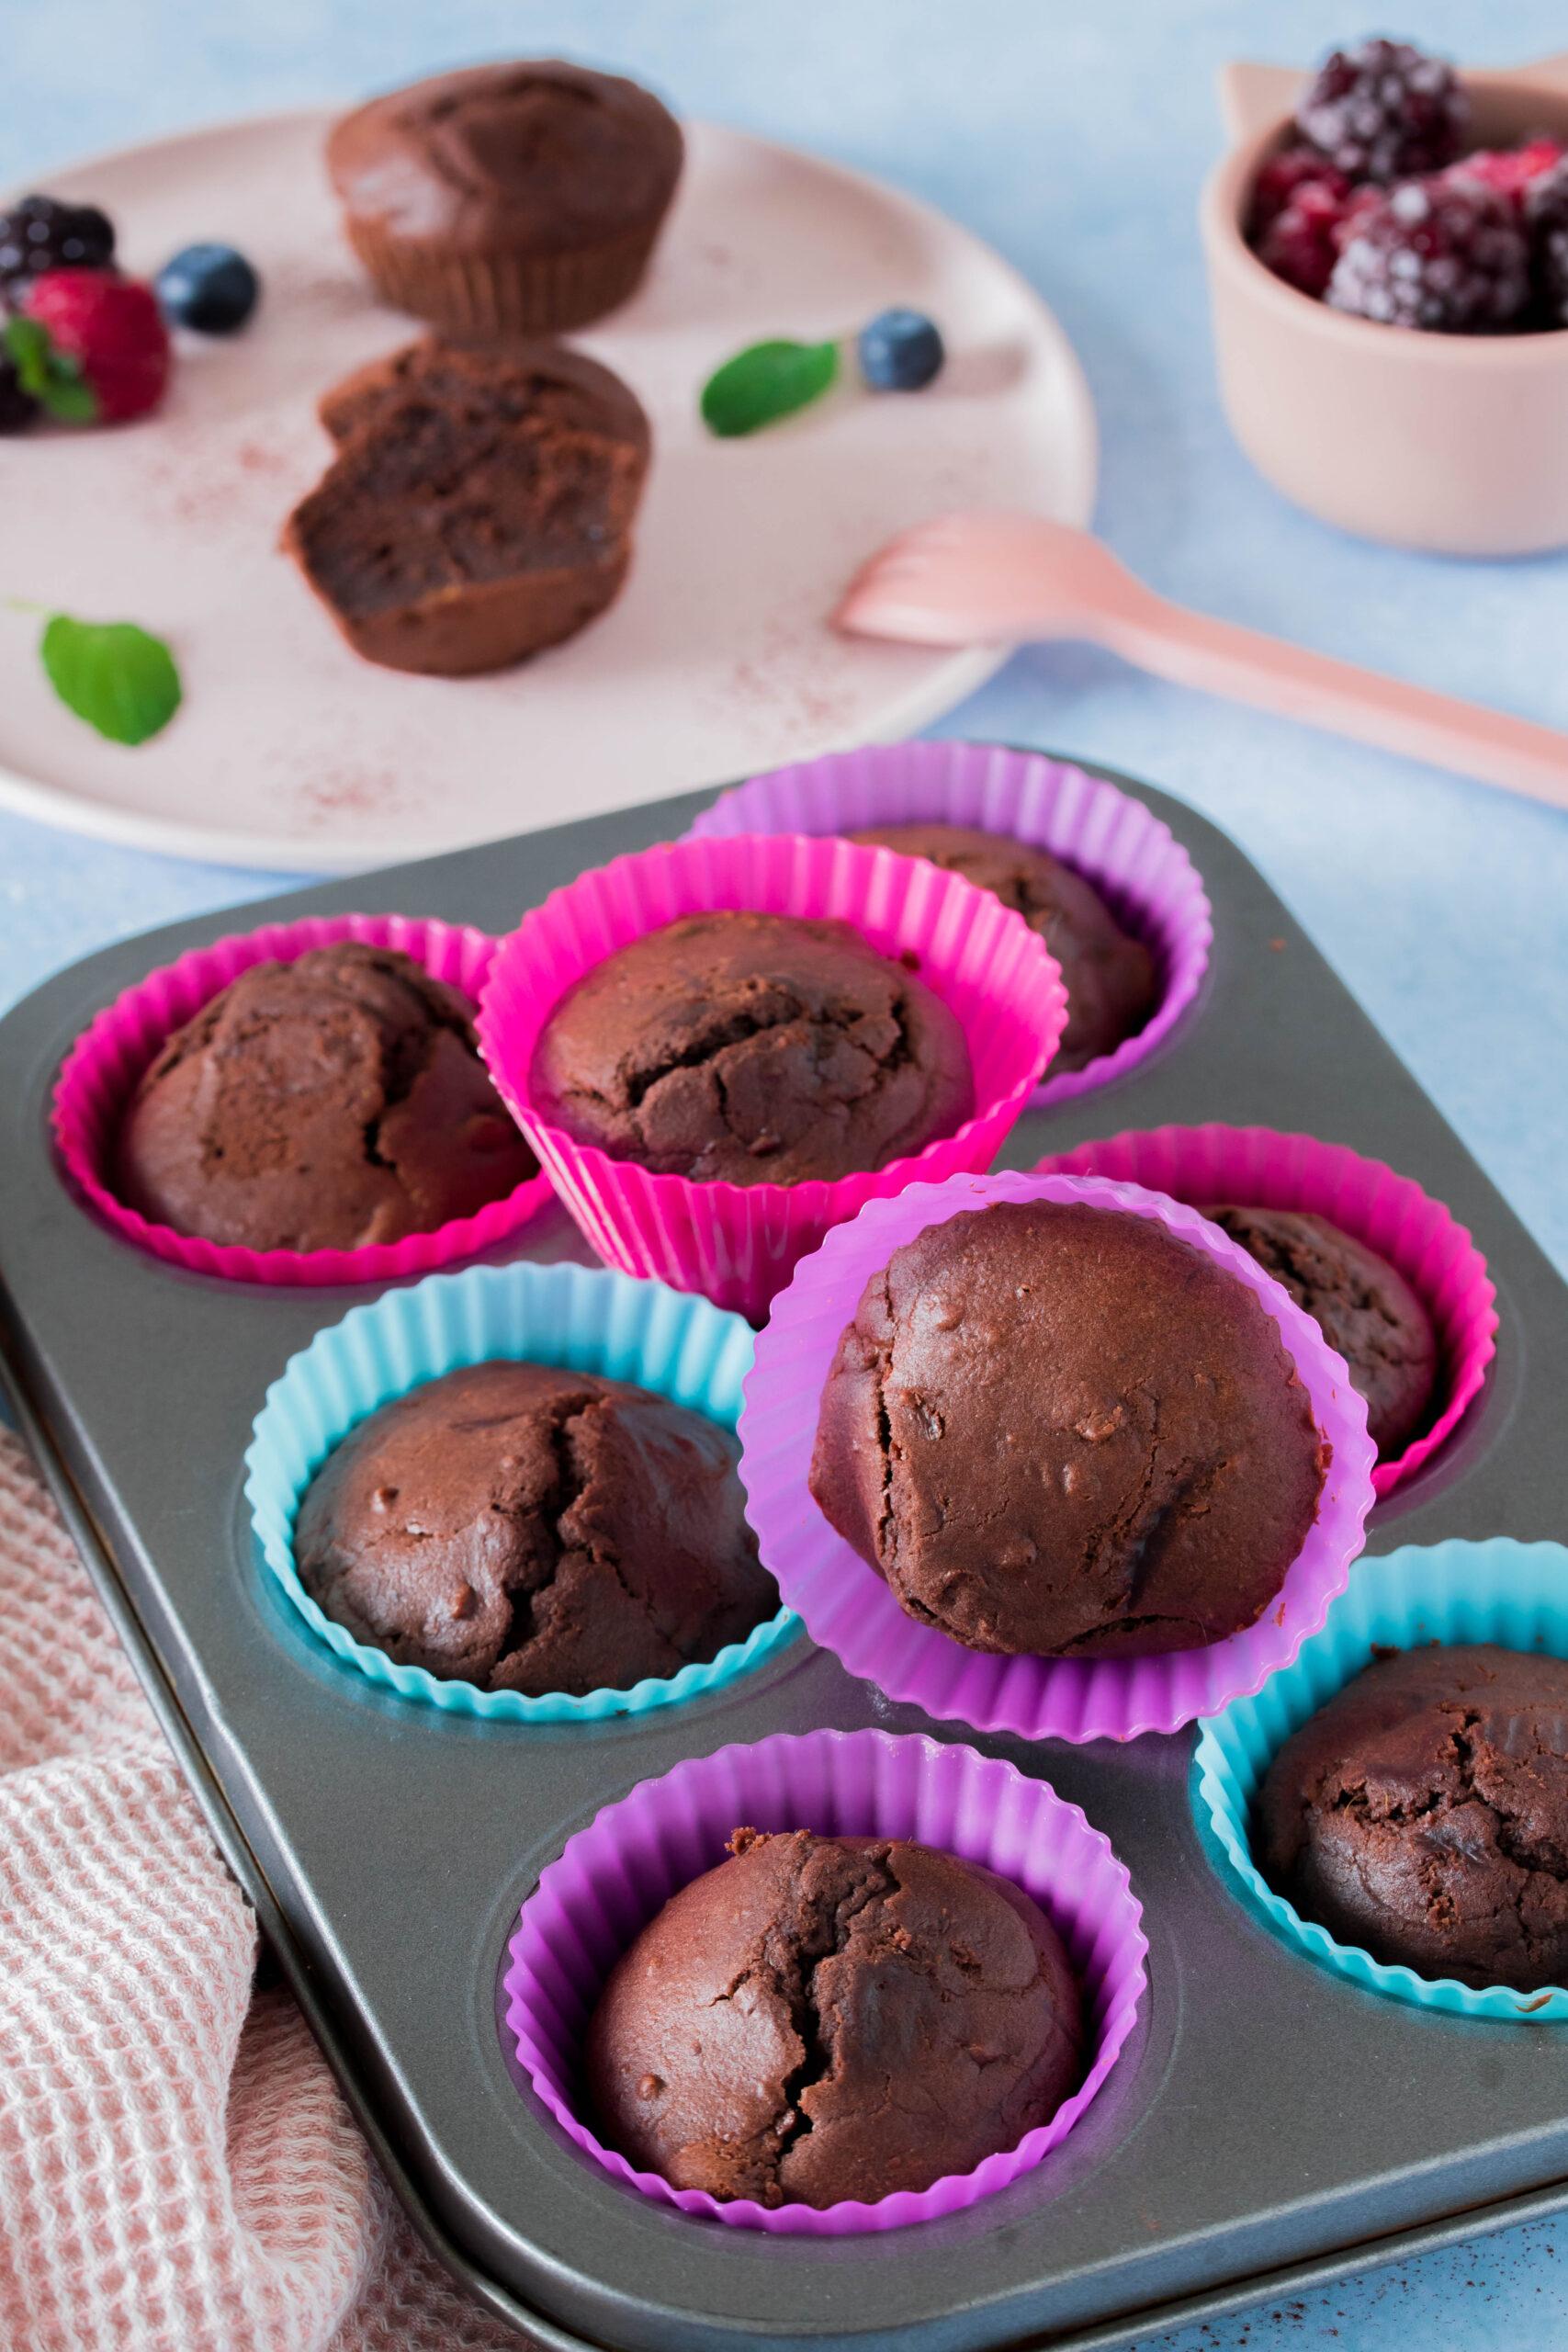 Leckere, gesunde Muffins für Kinder mit Süßkartoffel - idealer Snack für zwischendurch